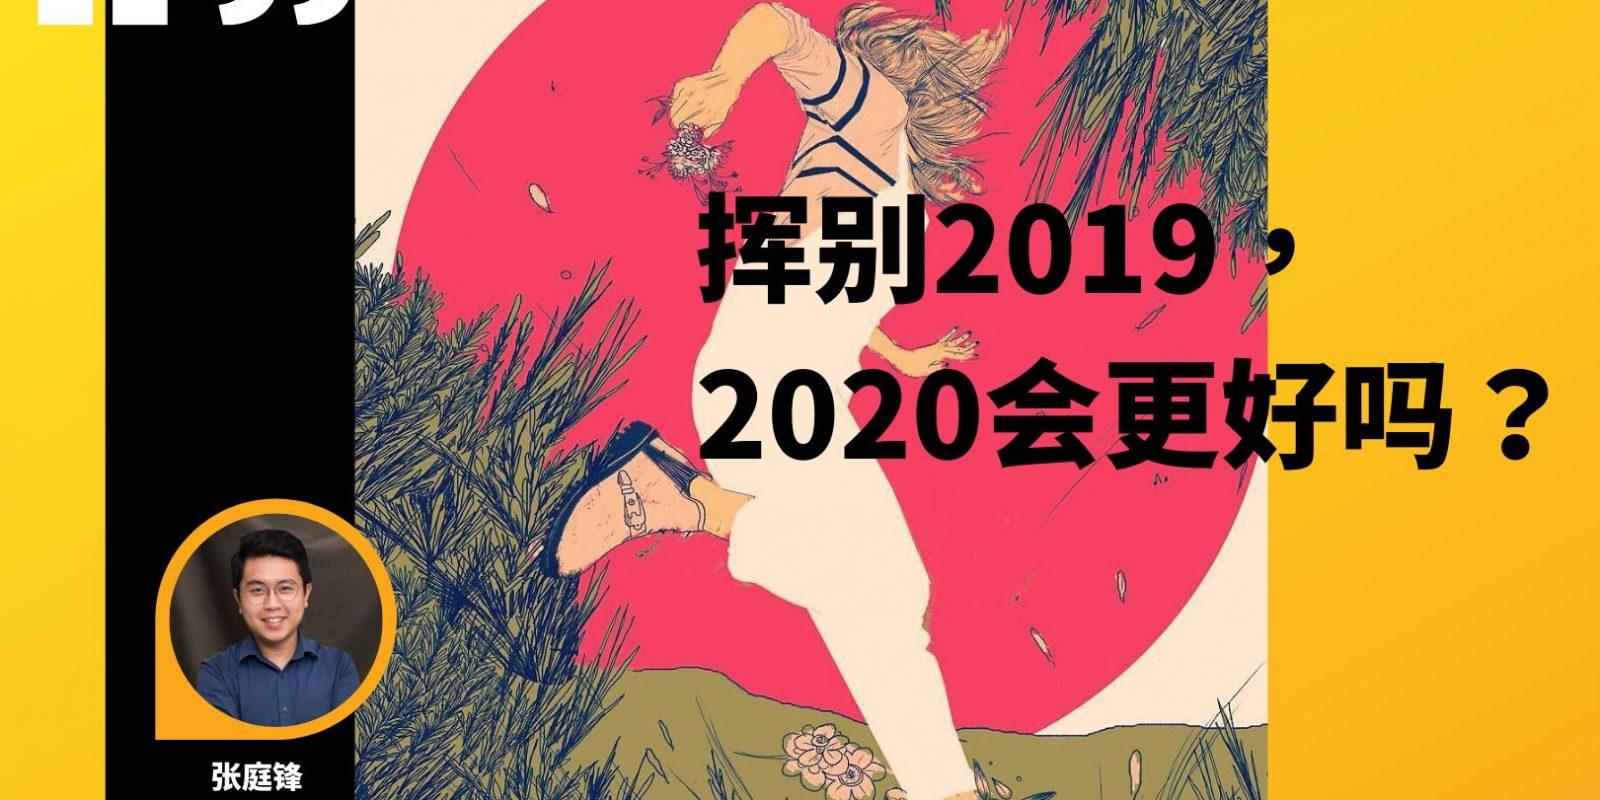 挥别2019 2020 会更好吗